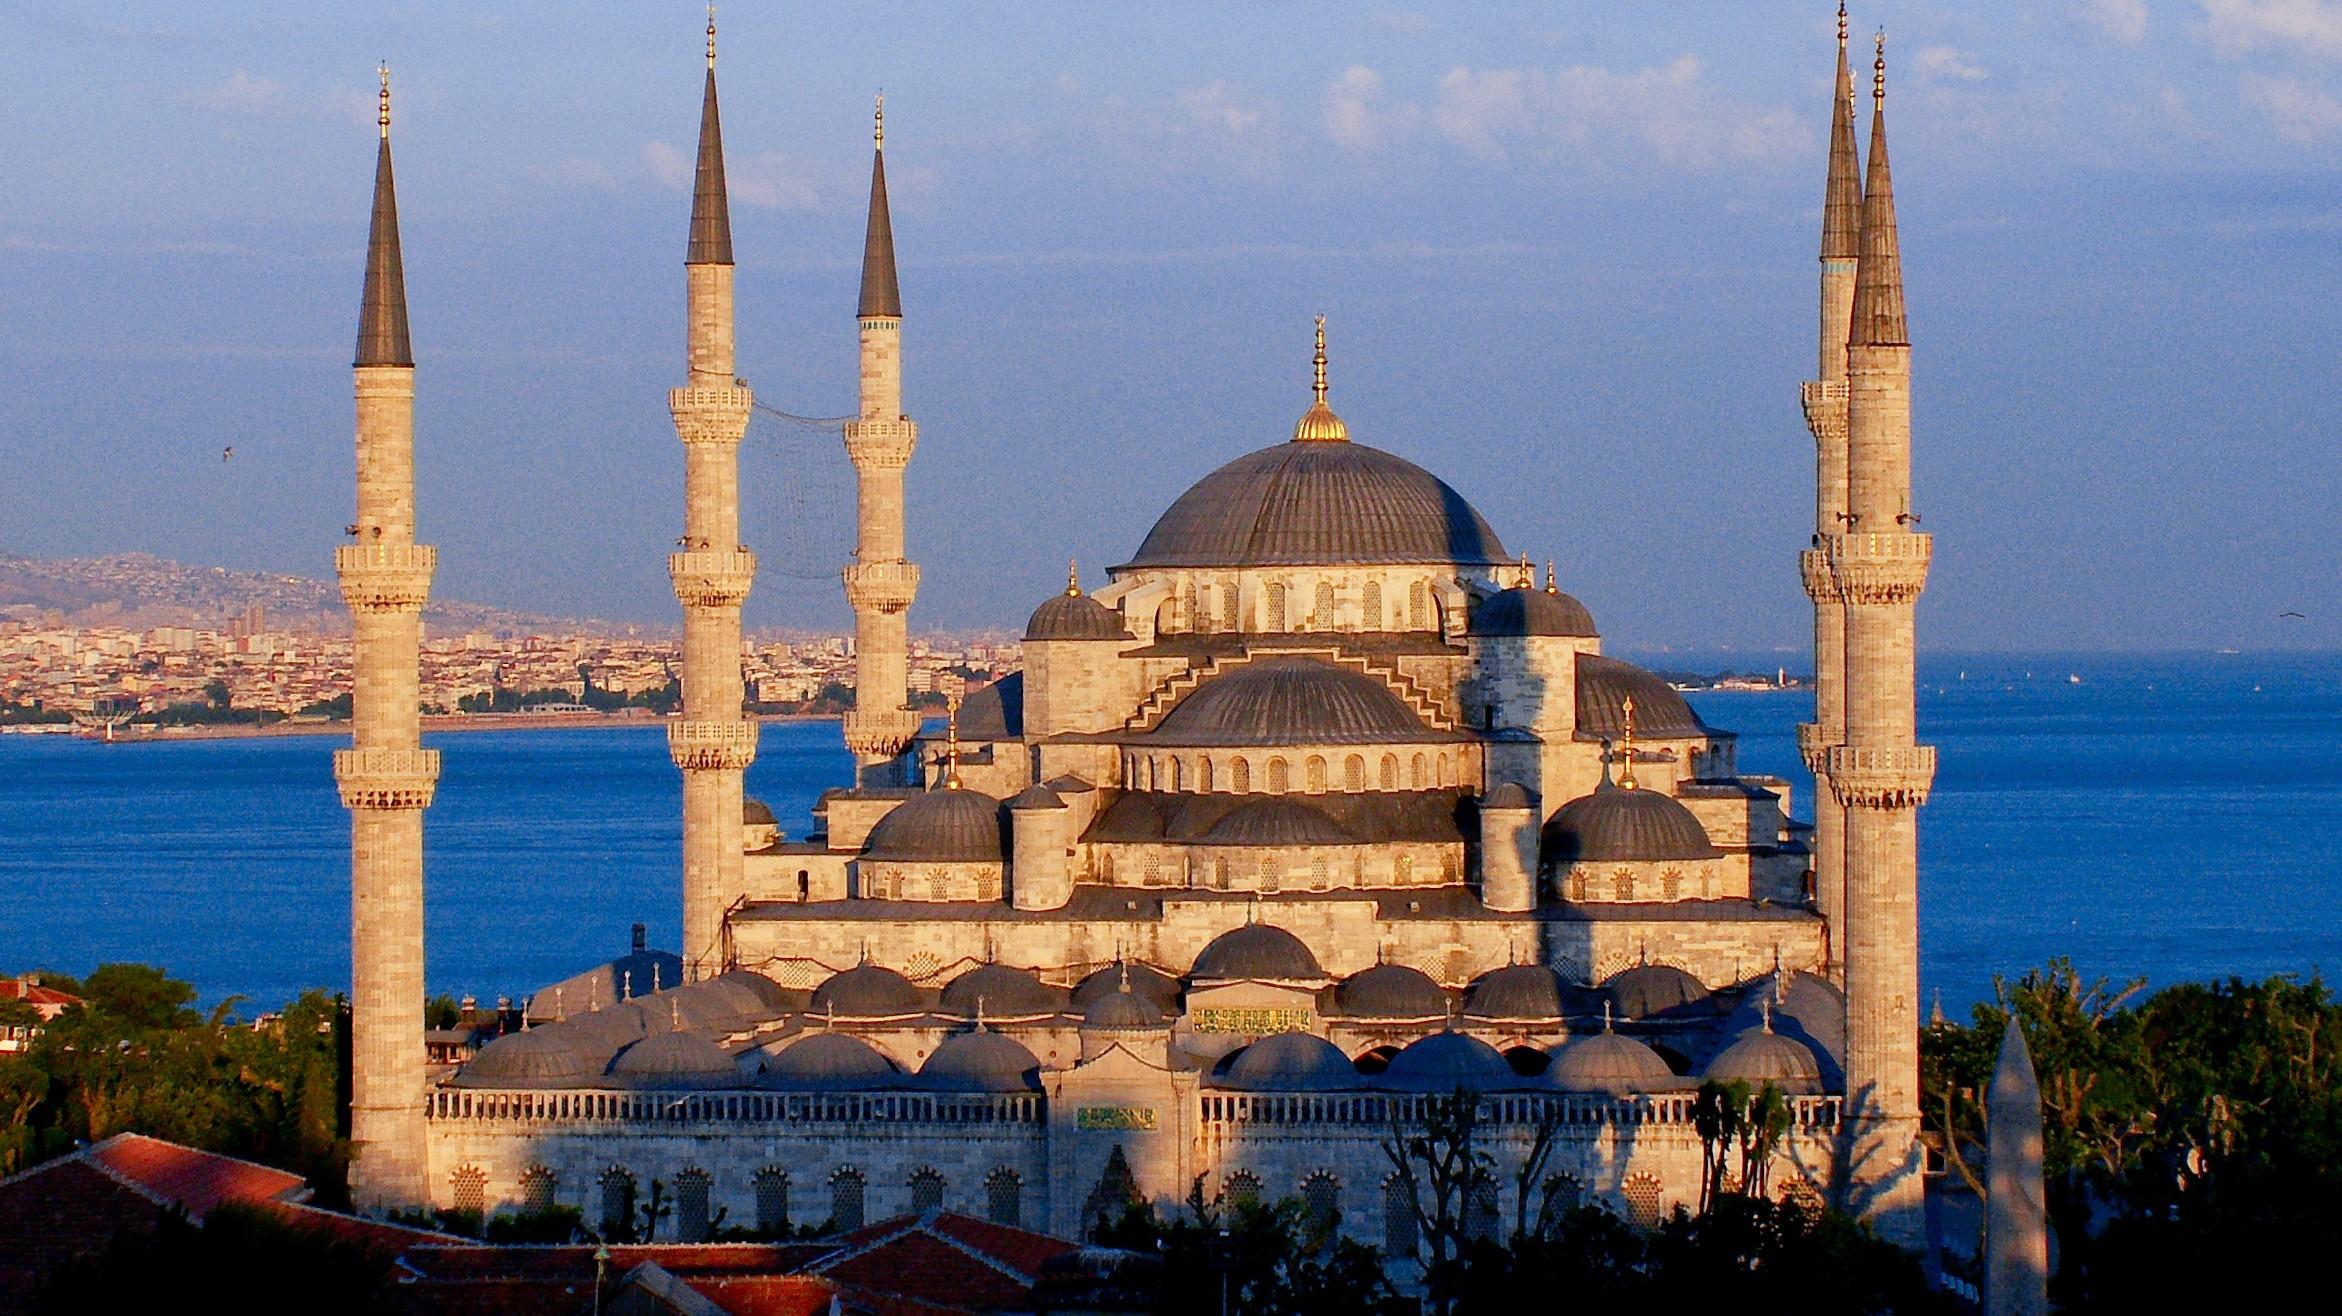 Опасающиеся ехать в Турцию туристы смогут вернуть деньги только через суд — АТОР